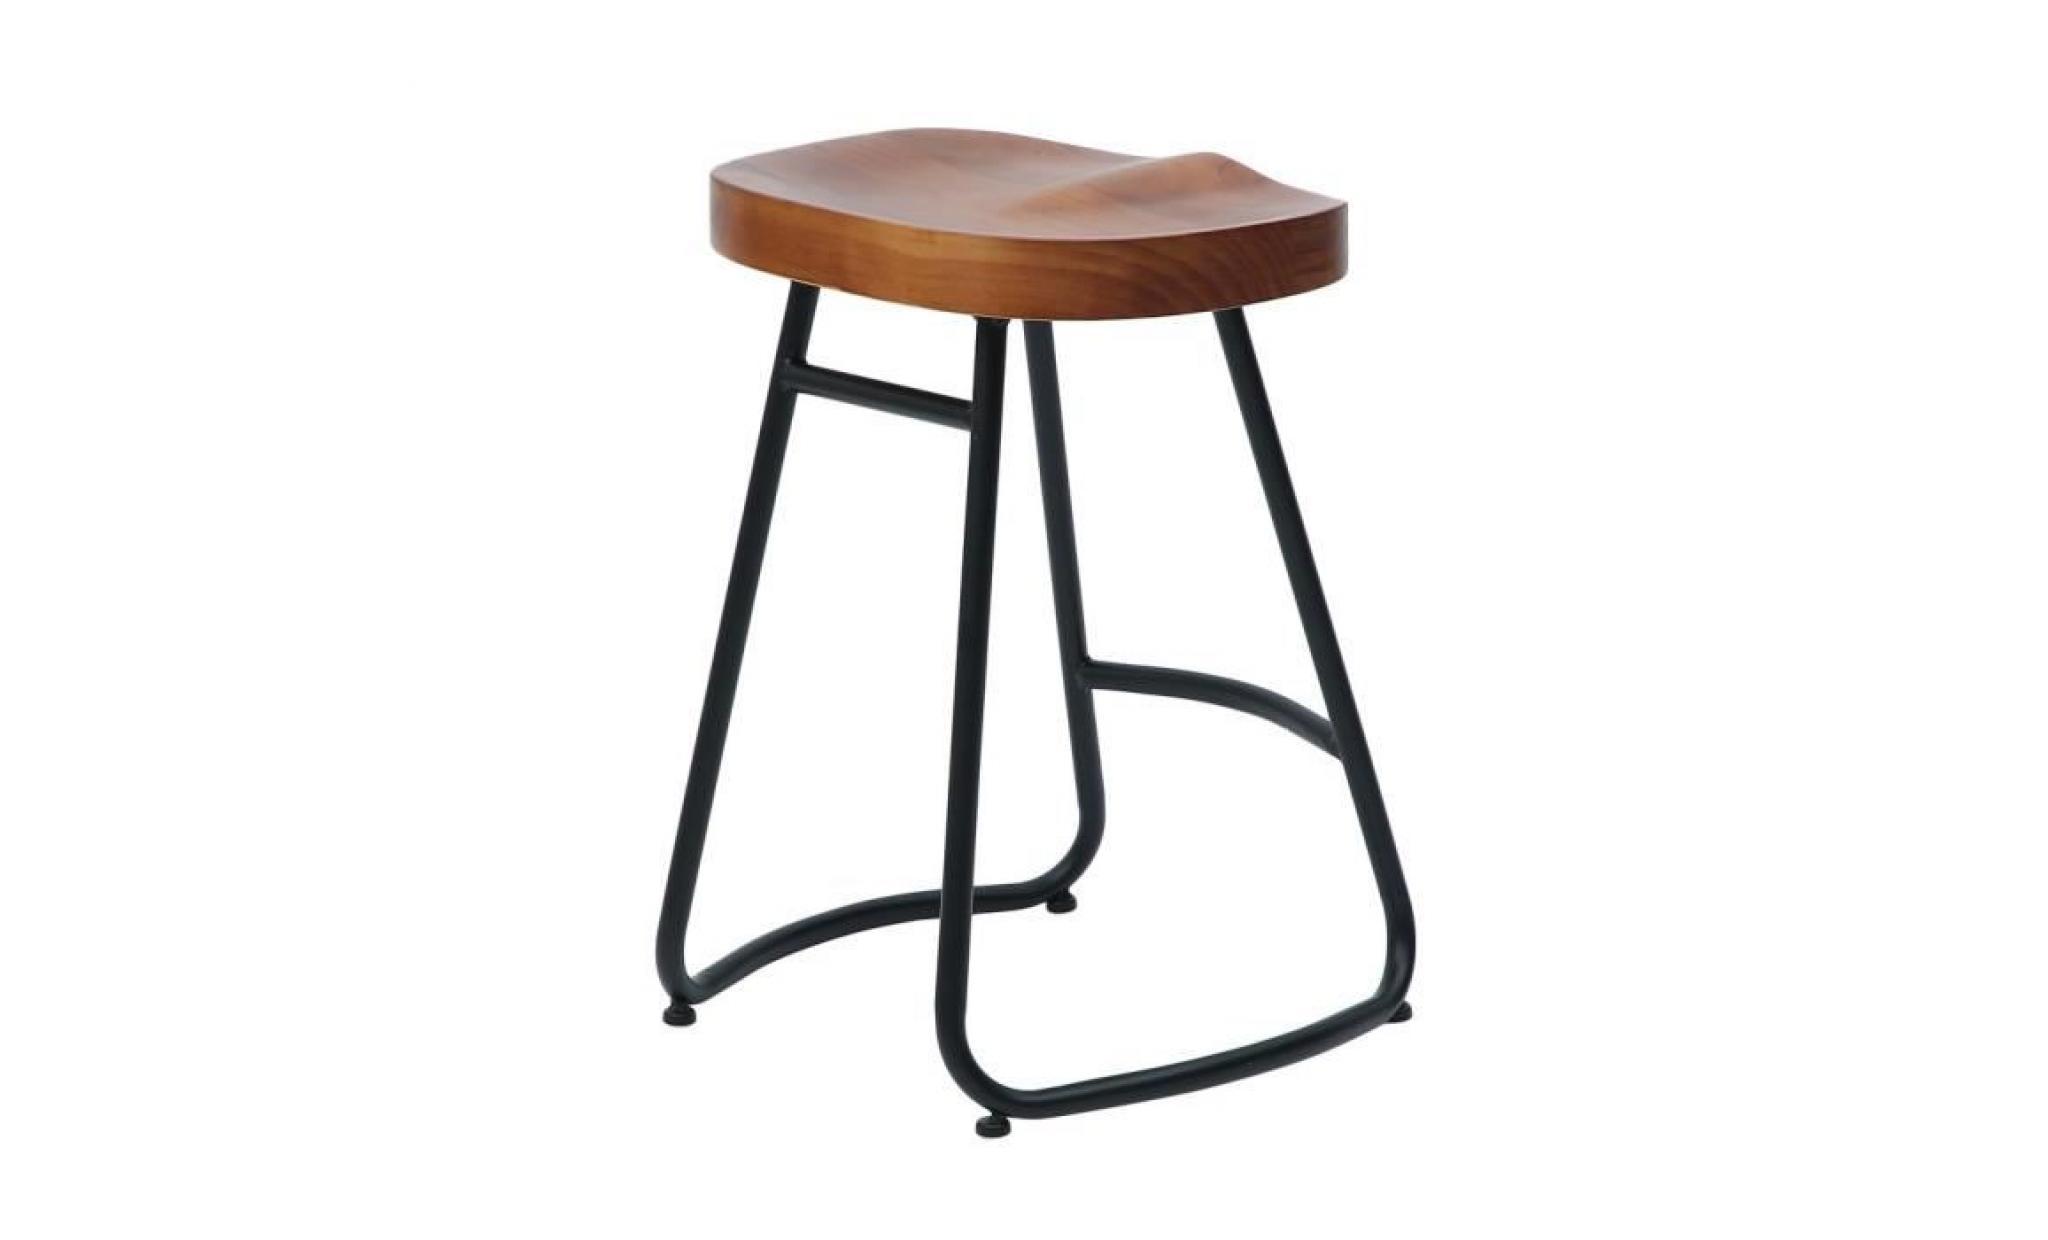 Manger 100kg Vintage Rustique 1pc Tabouret Industriel Charge Chaise De 35 À Bois Style Capacité 55cm 31 Bar En uFKJ13Tlc